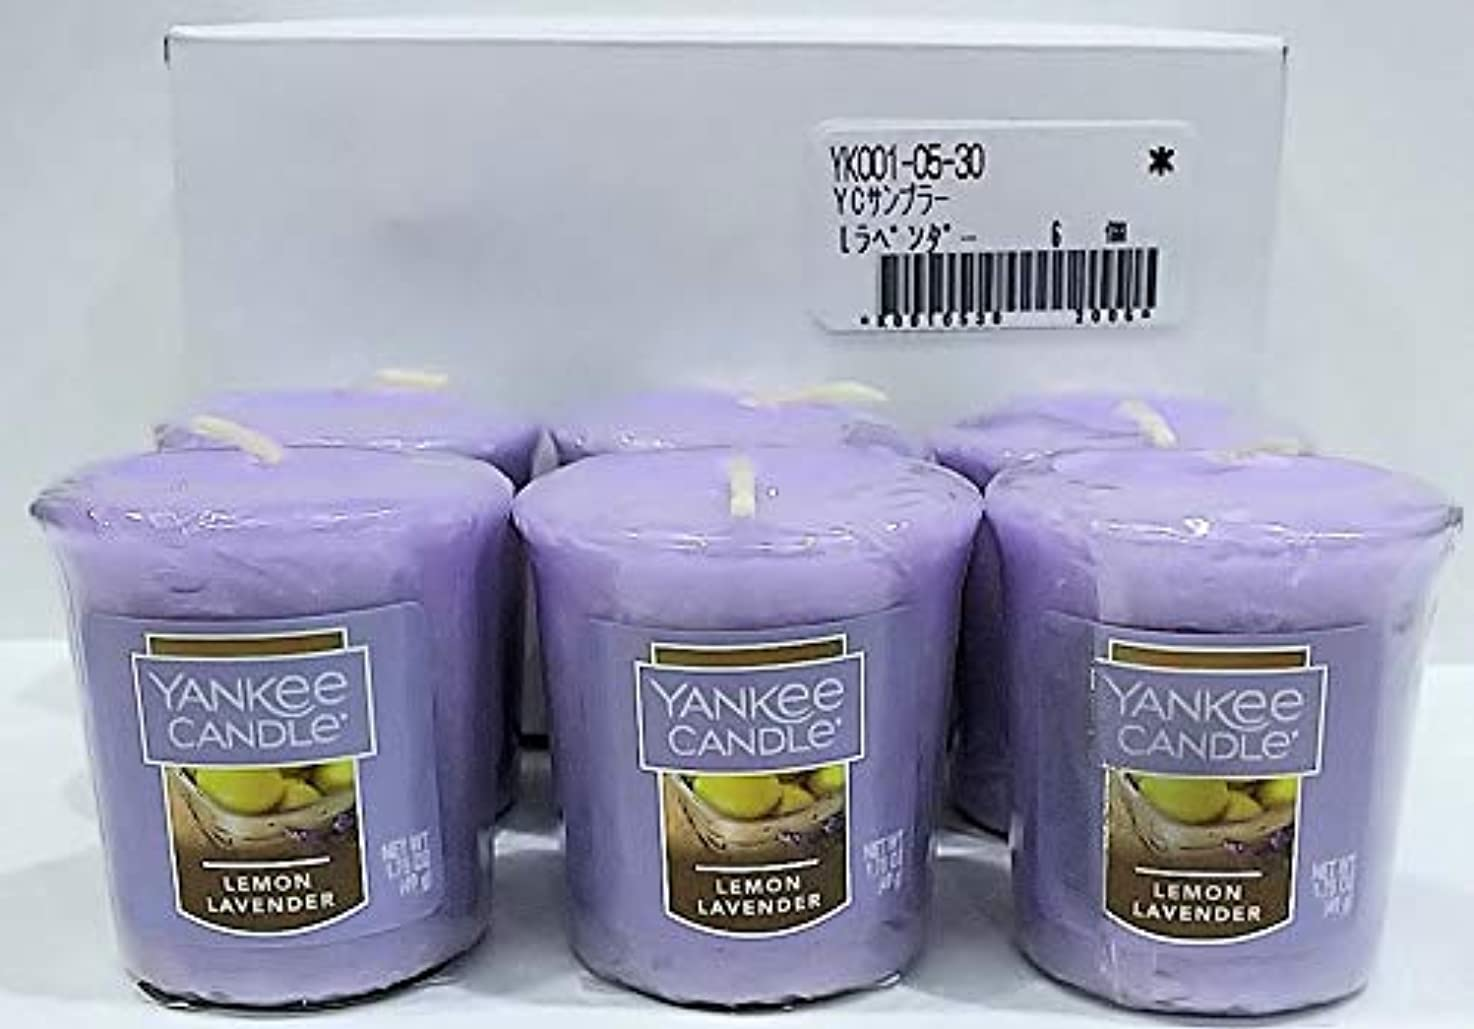 煙突市民権非公式ヤンキーキャンドル サンプラー お試しサイズ レモンラベンダー 6個セット 燃焼時間約15時間 YANKEECANDLE アメリカ製